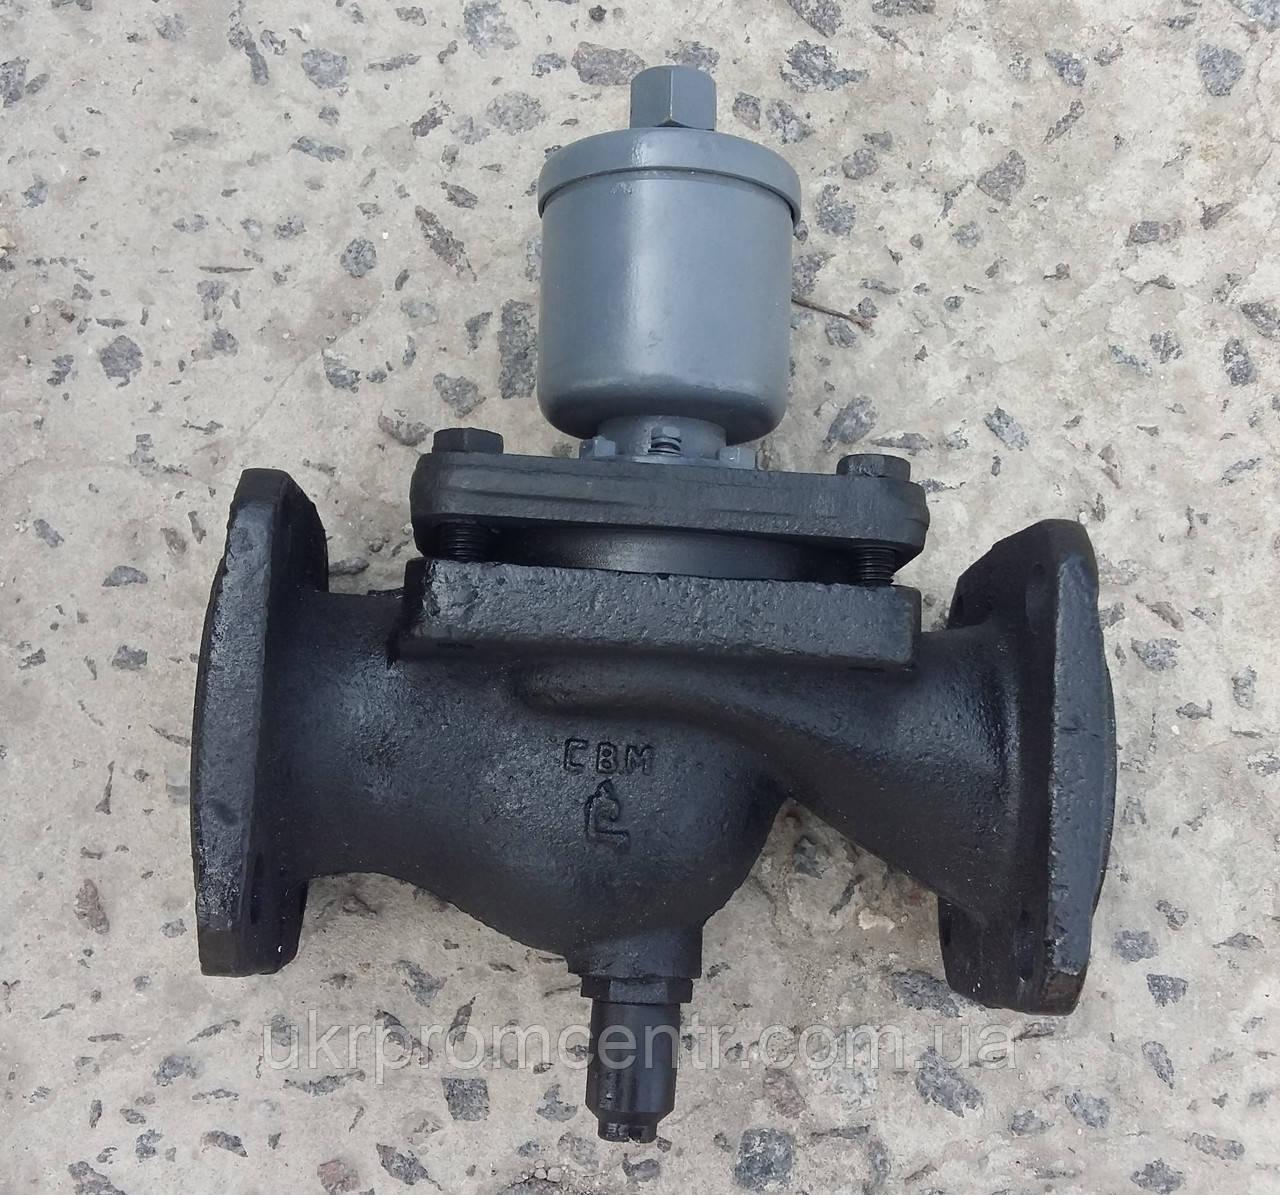 Клапан мембранный с электромагнитным приводом СВМ (15кч888р, р1)